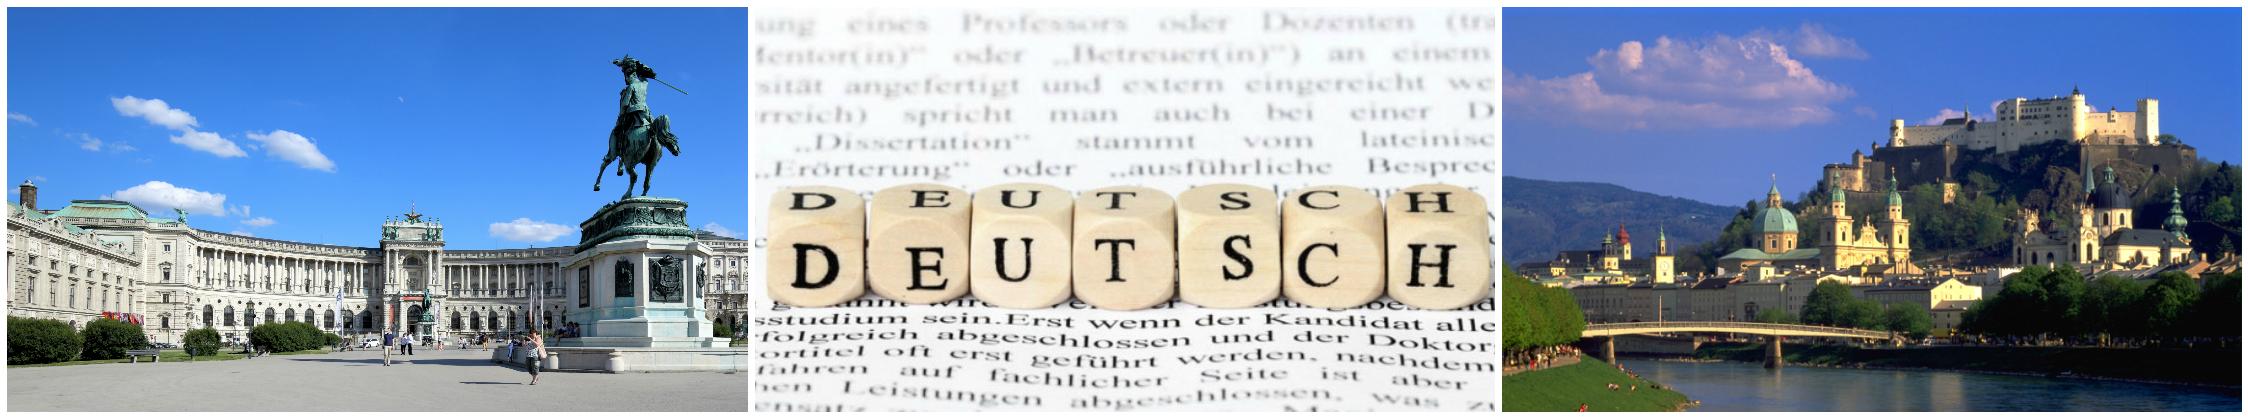 коллаж о курсах немецкого языка для детей в австрии